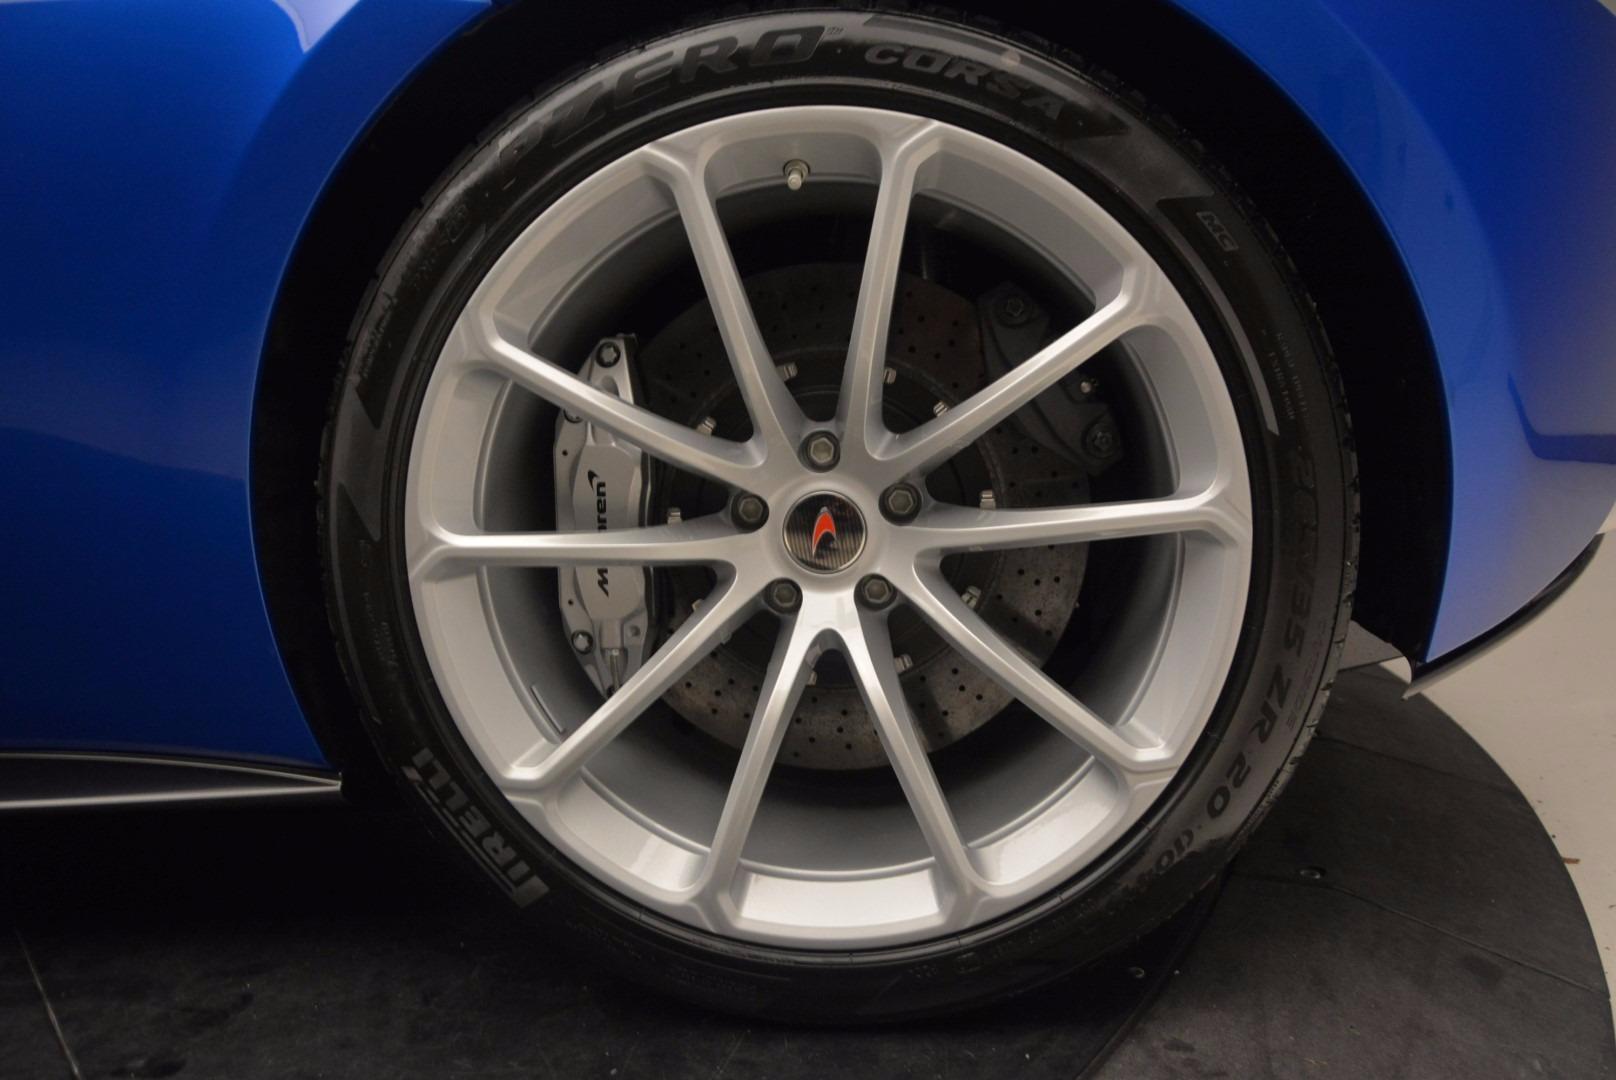 Used 2018 McLaren 570S Spider For Sale In Westport, CT 1303_p25